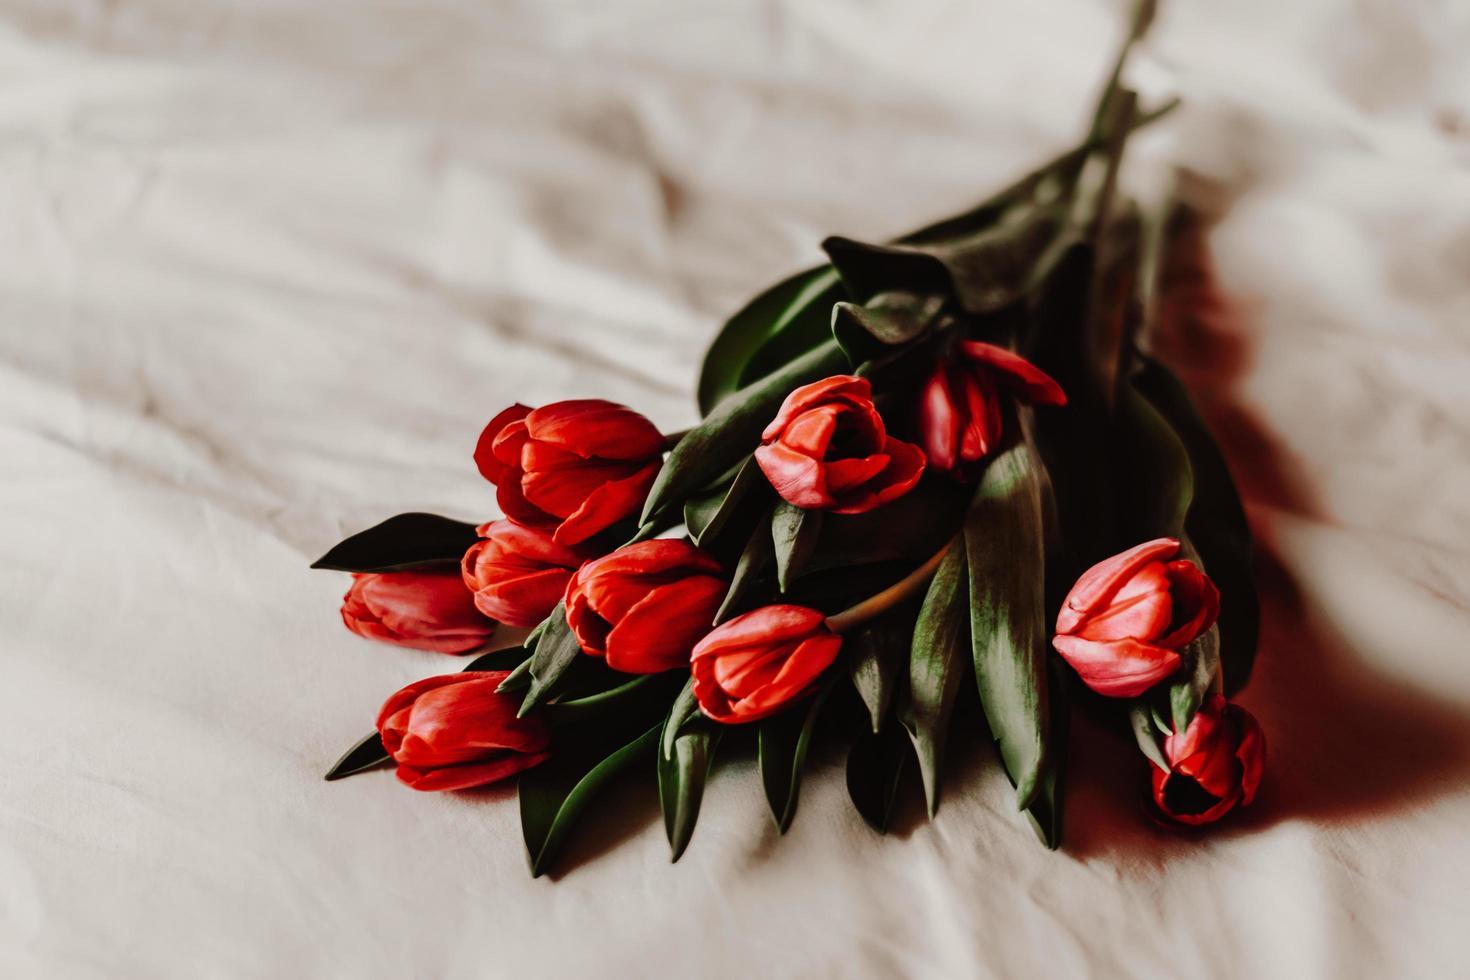 röda tulpaner på vitt linne foto